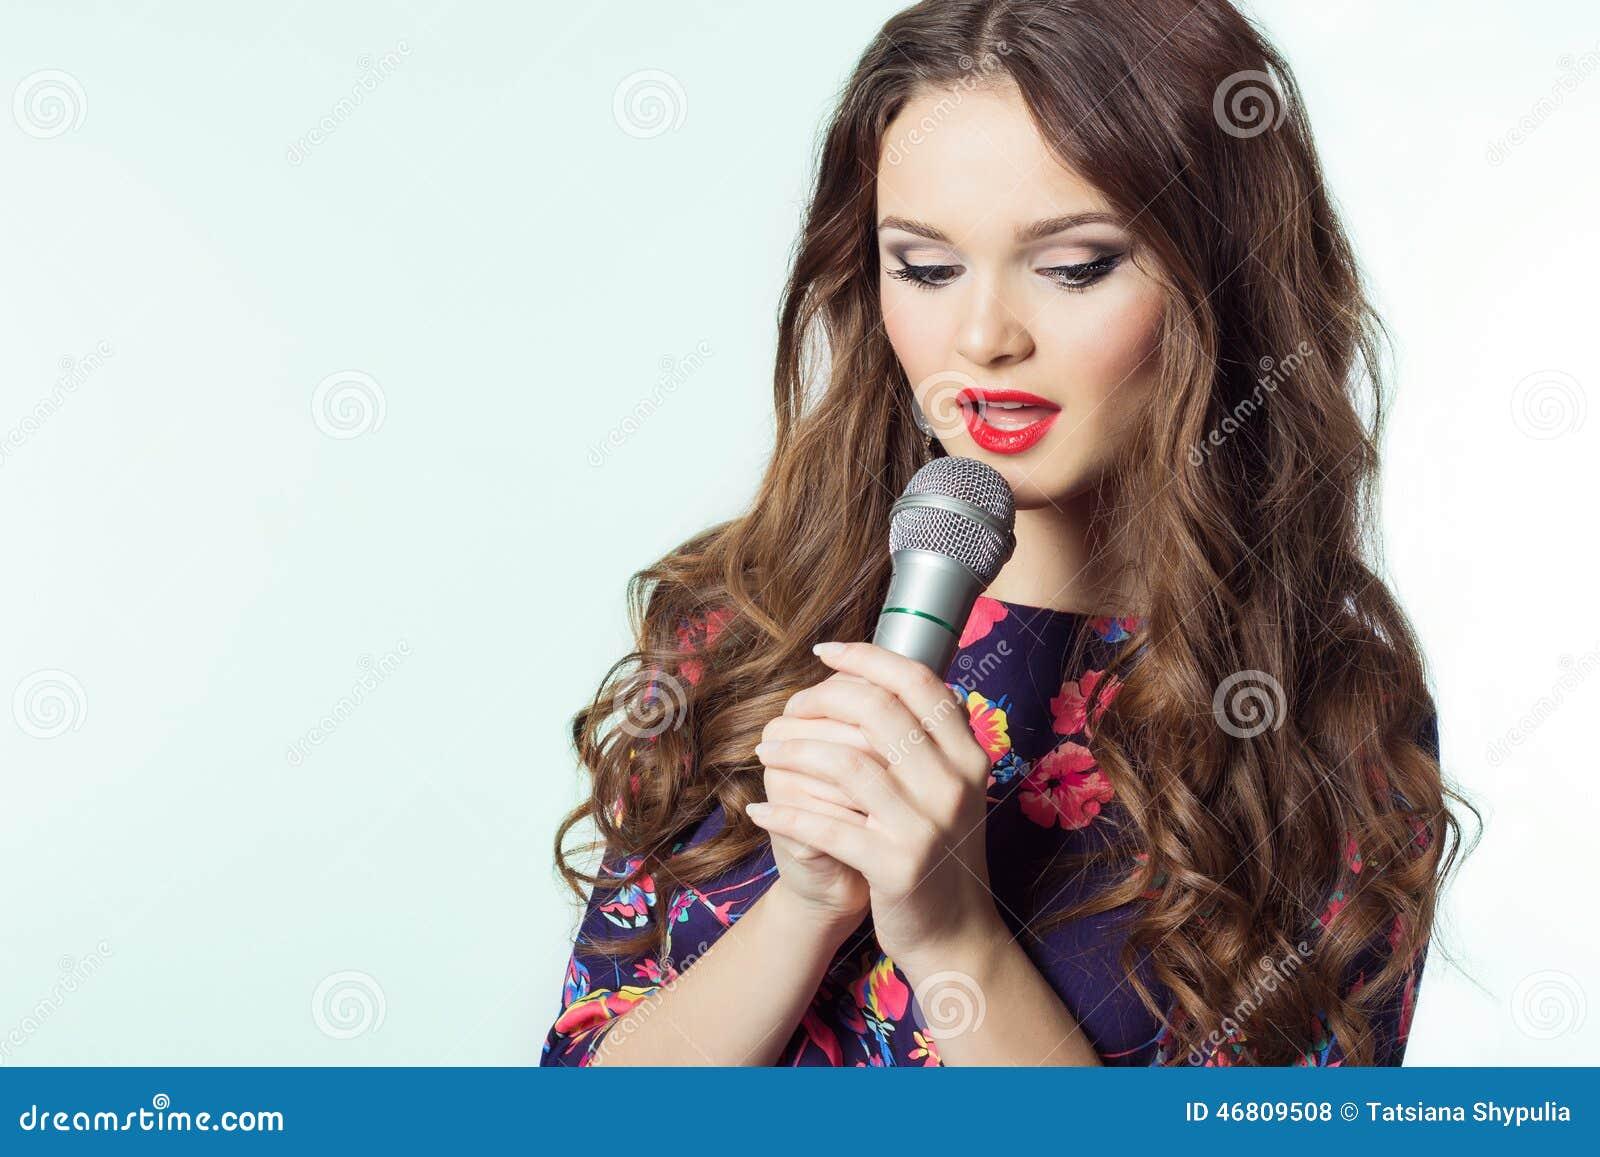 Ritratto di bello cantante elegante della ragazza castana con capelli lunghi con un microfono in sua mano che canta una canzone